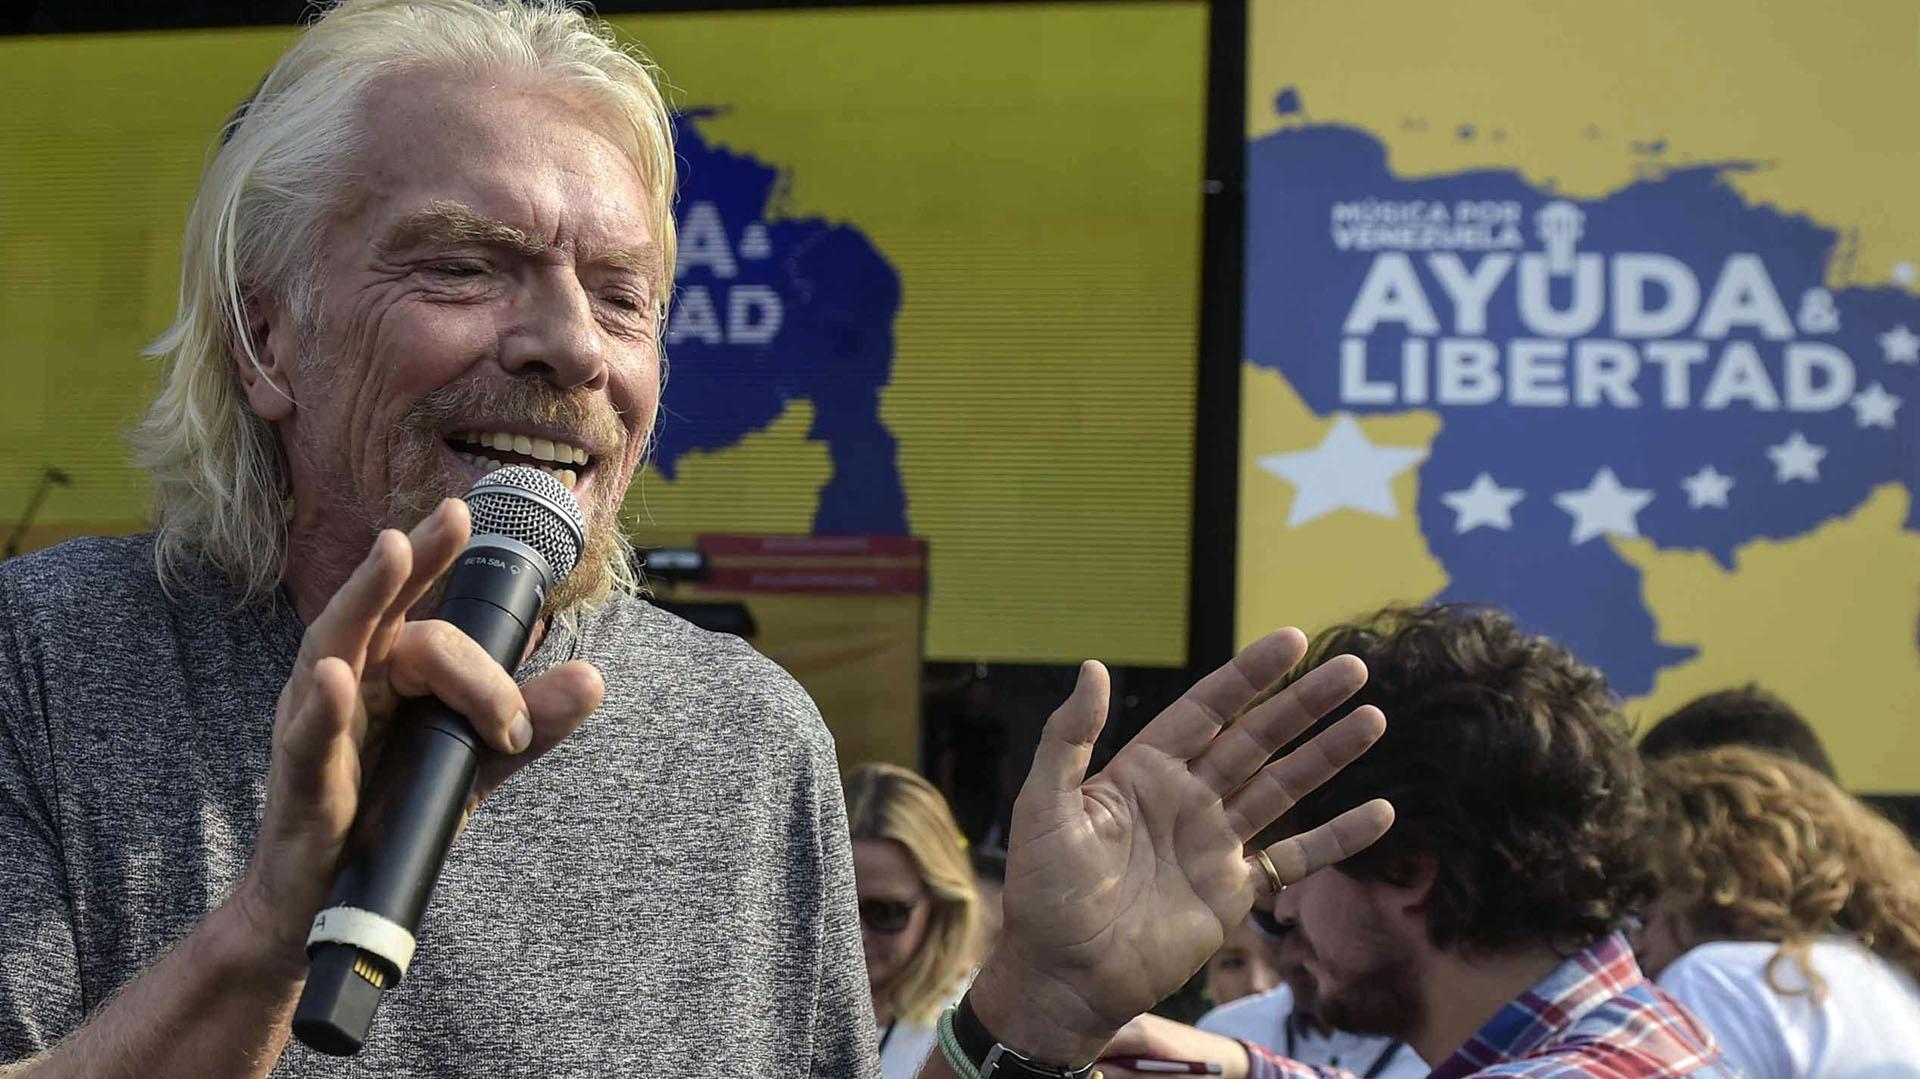 El multimillonario británico Richard Branson, organizador del recital. (AFP)